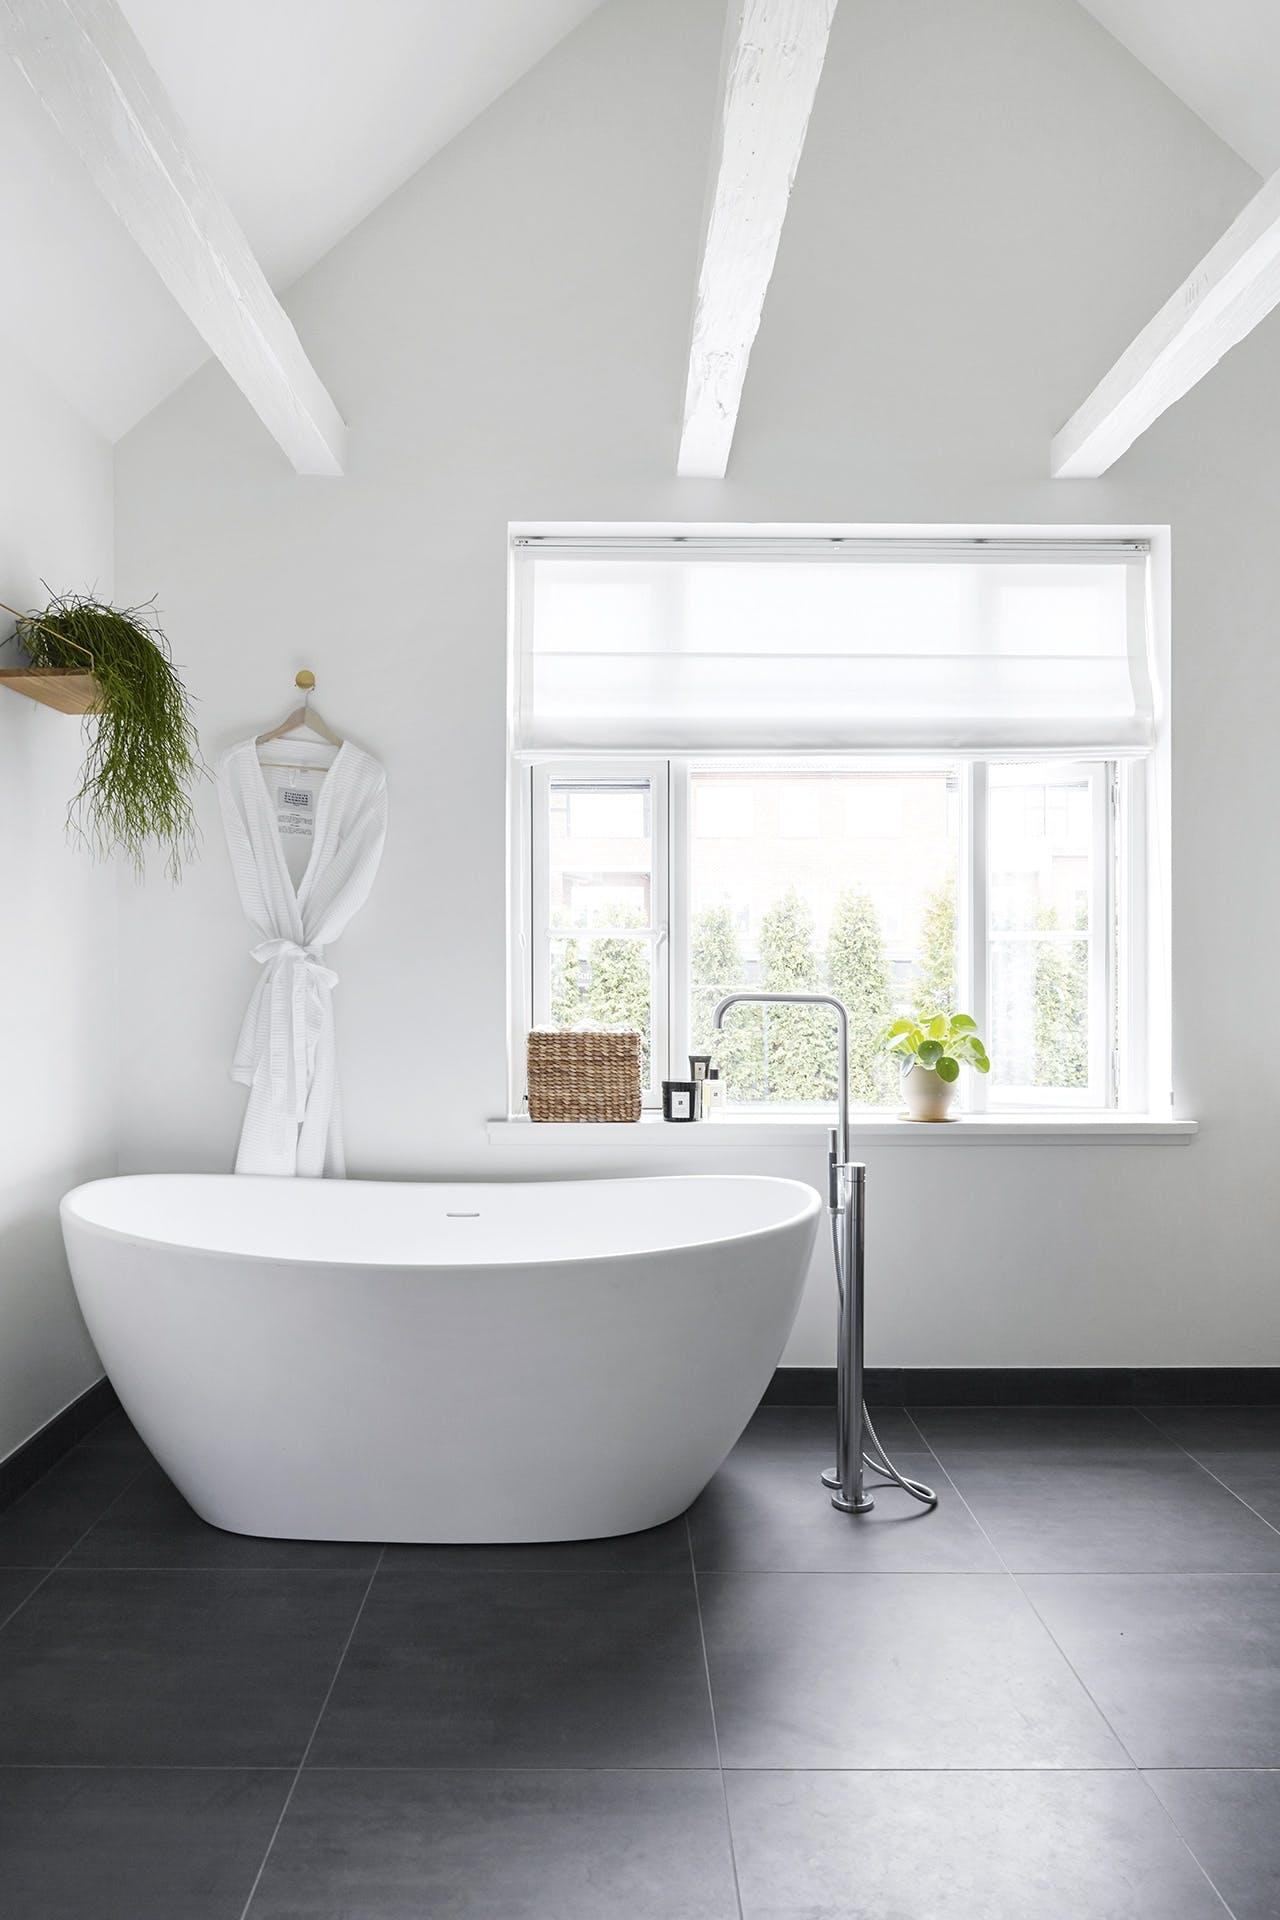 villa hellerup indretning badeværelse badekar